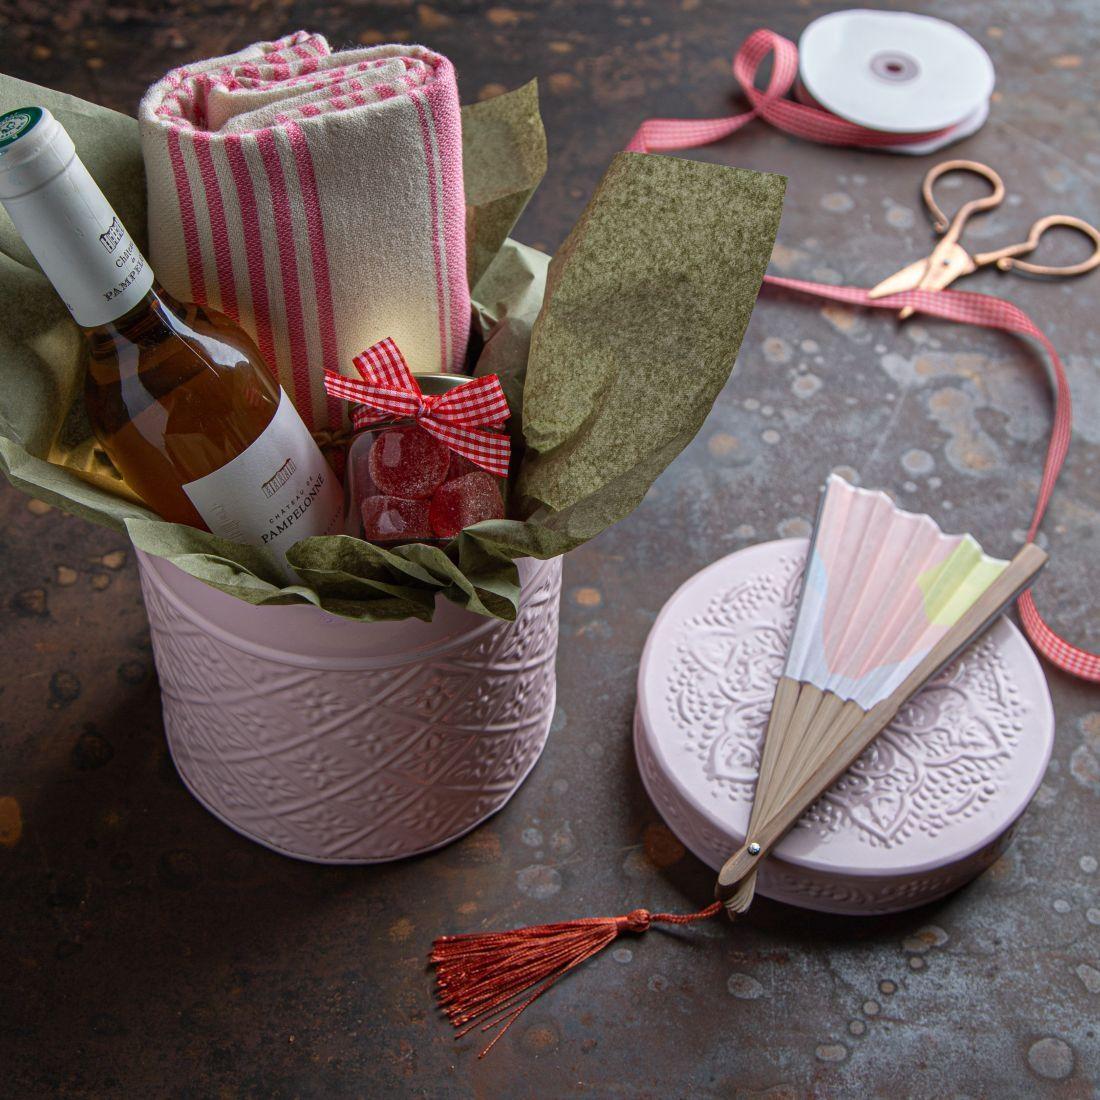 מארז החיים בורוד - קופסת פח ובפנים חצי בקבוק רוזה שאטו דה פמפלון, מניפה, מגבת חמאם וסוכריות גומי.